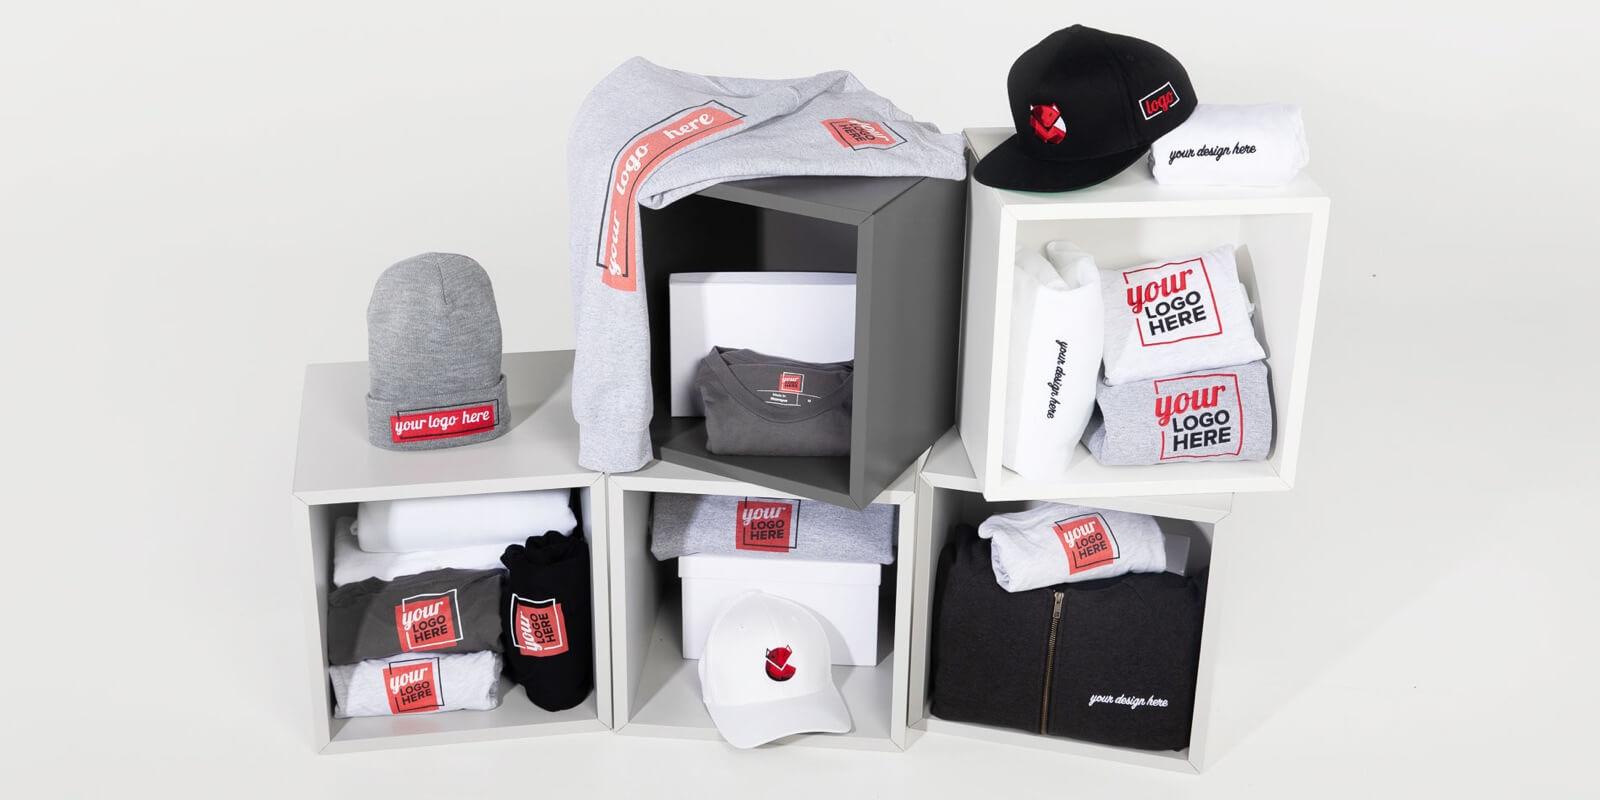 branding y marca blanca para productos personalizados